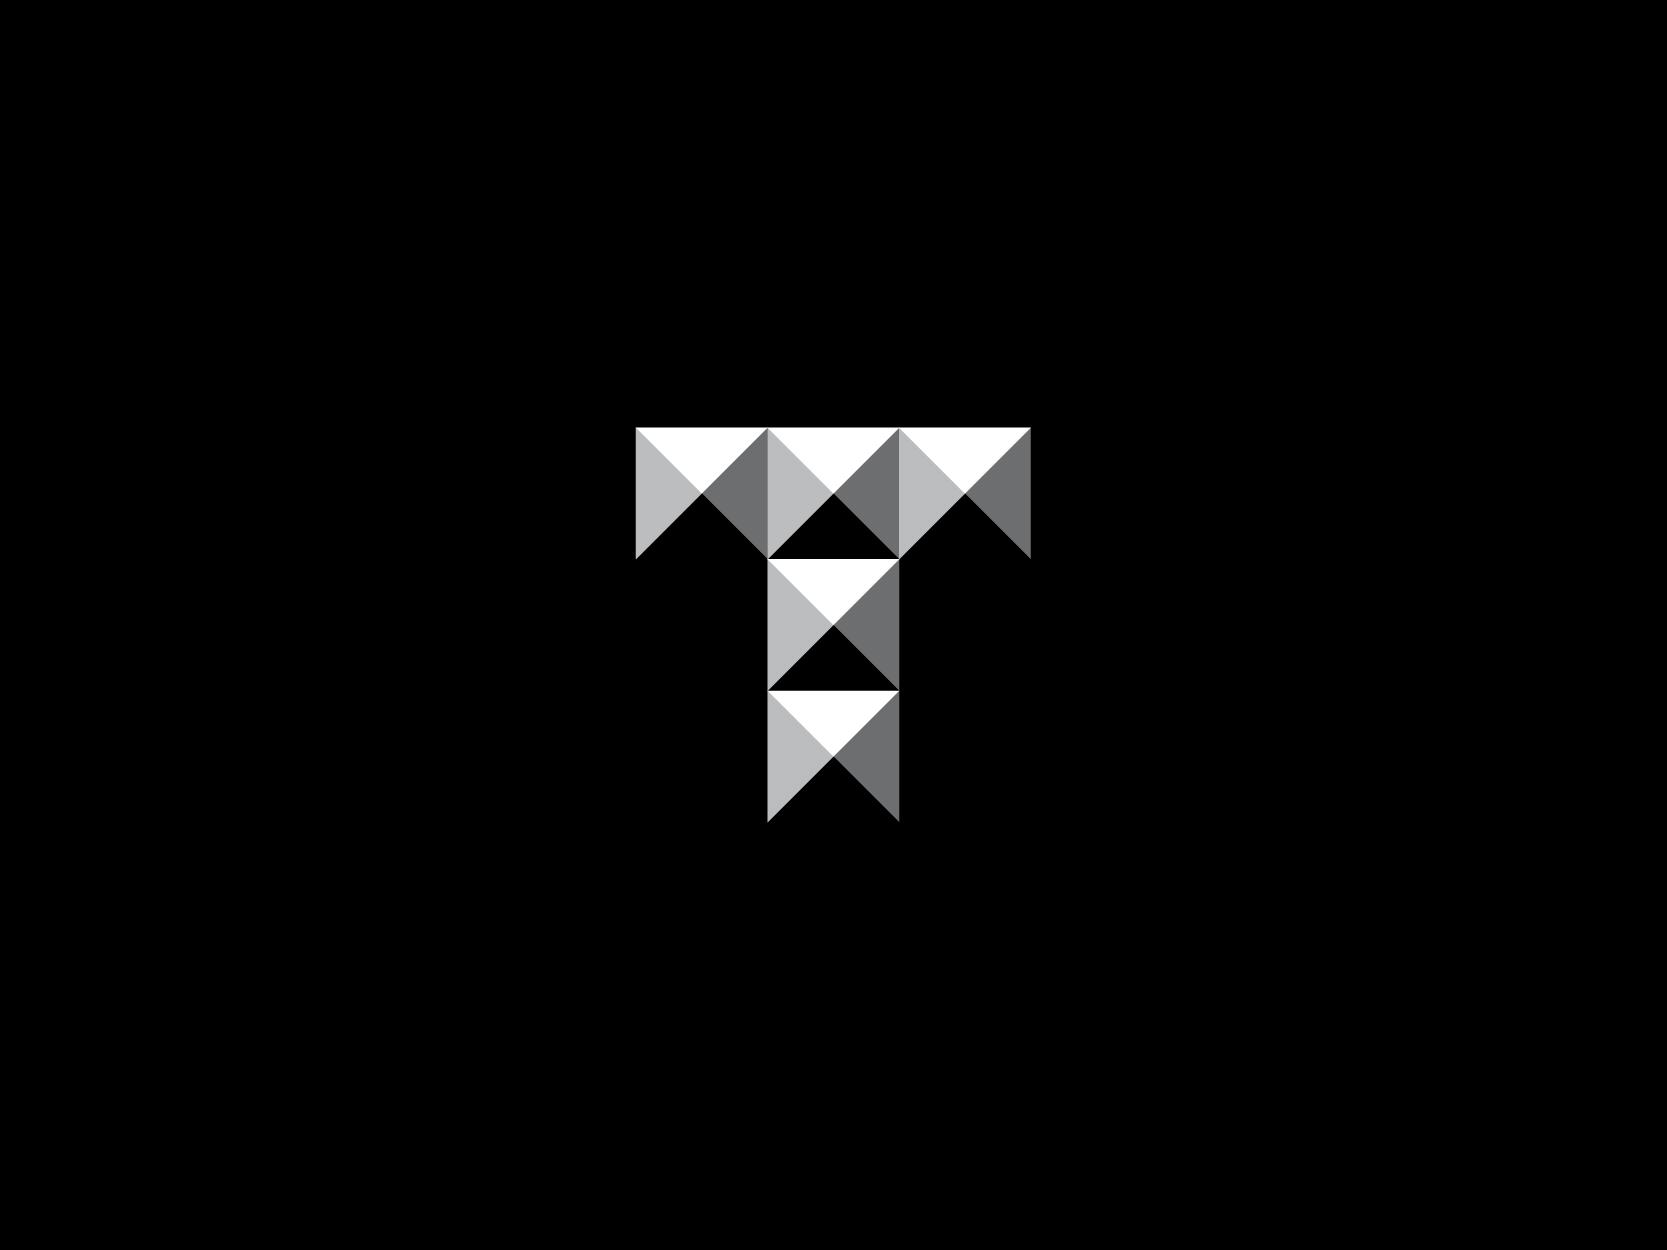 Triton-01